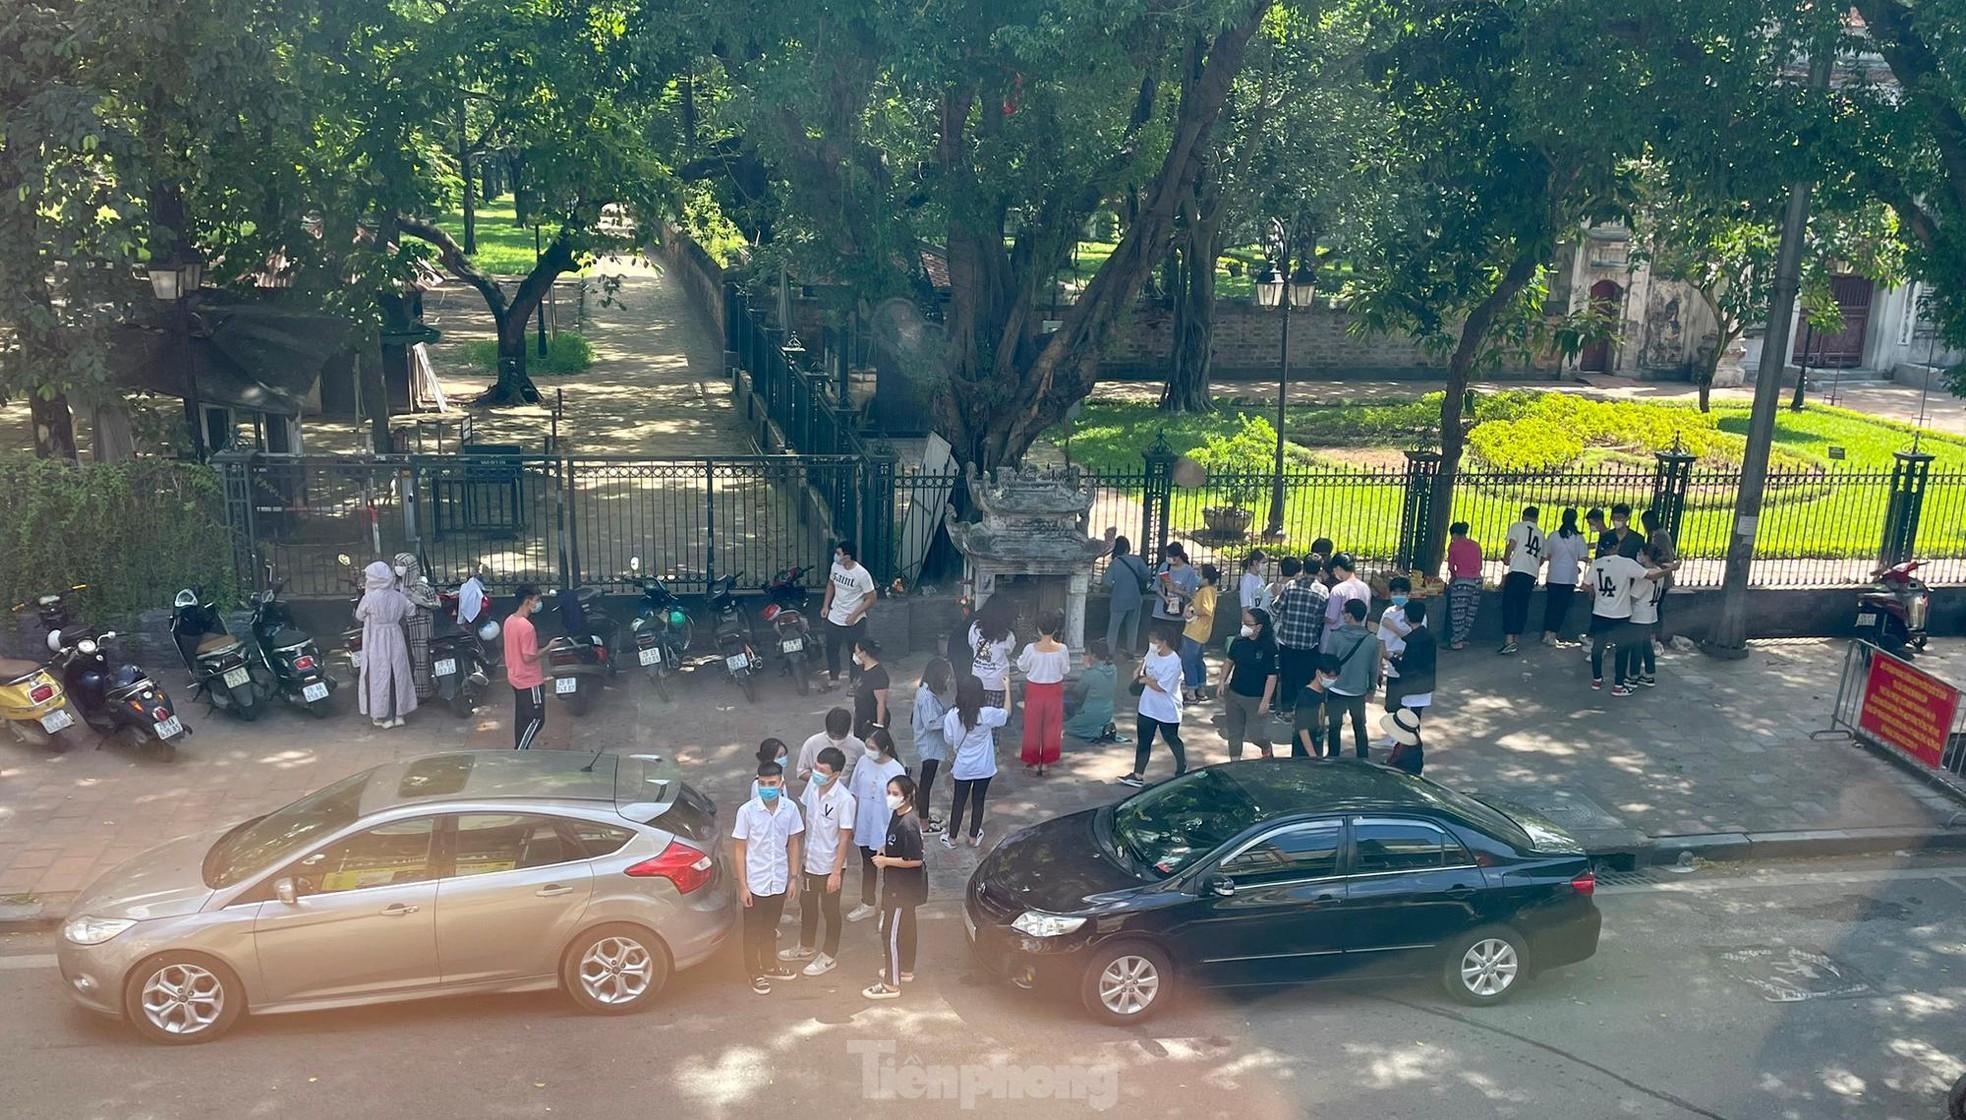 Hàng trăm sĩ tử đến Văn Miếu vái vọng cầu may trước ngày thi tốt nghiệp THPT